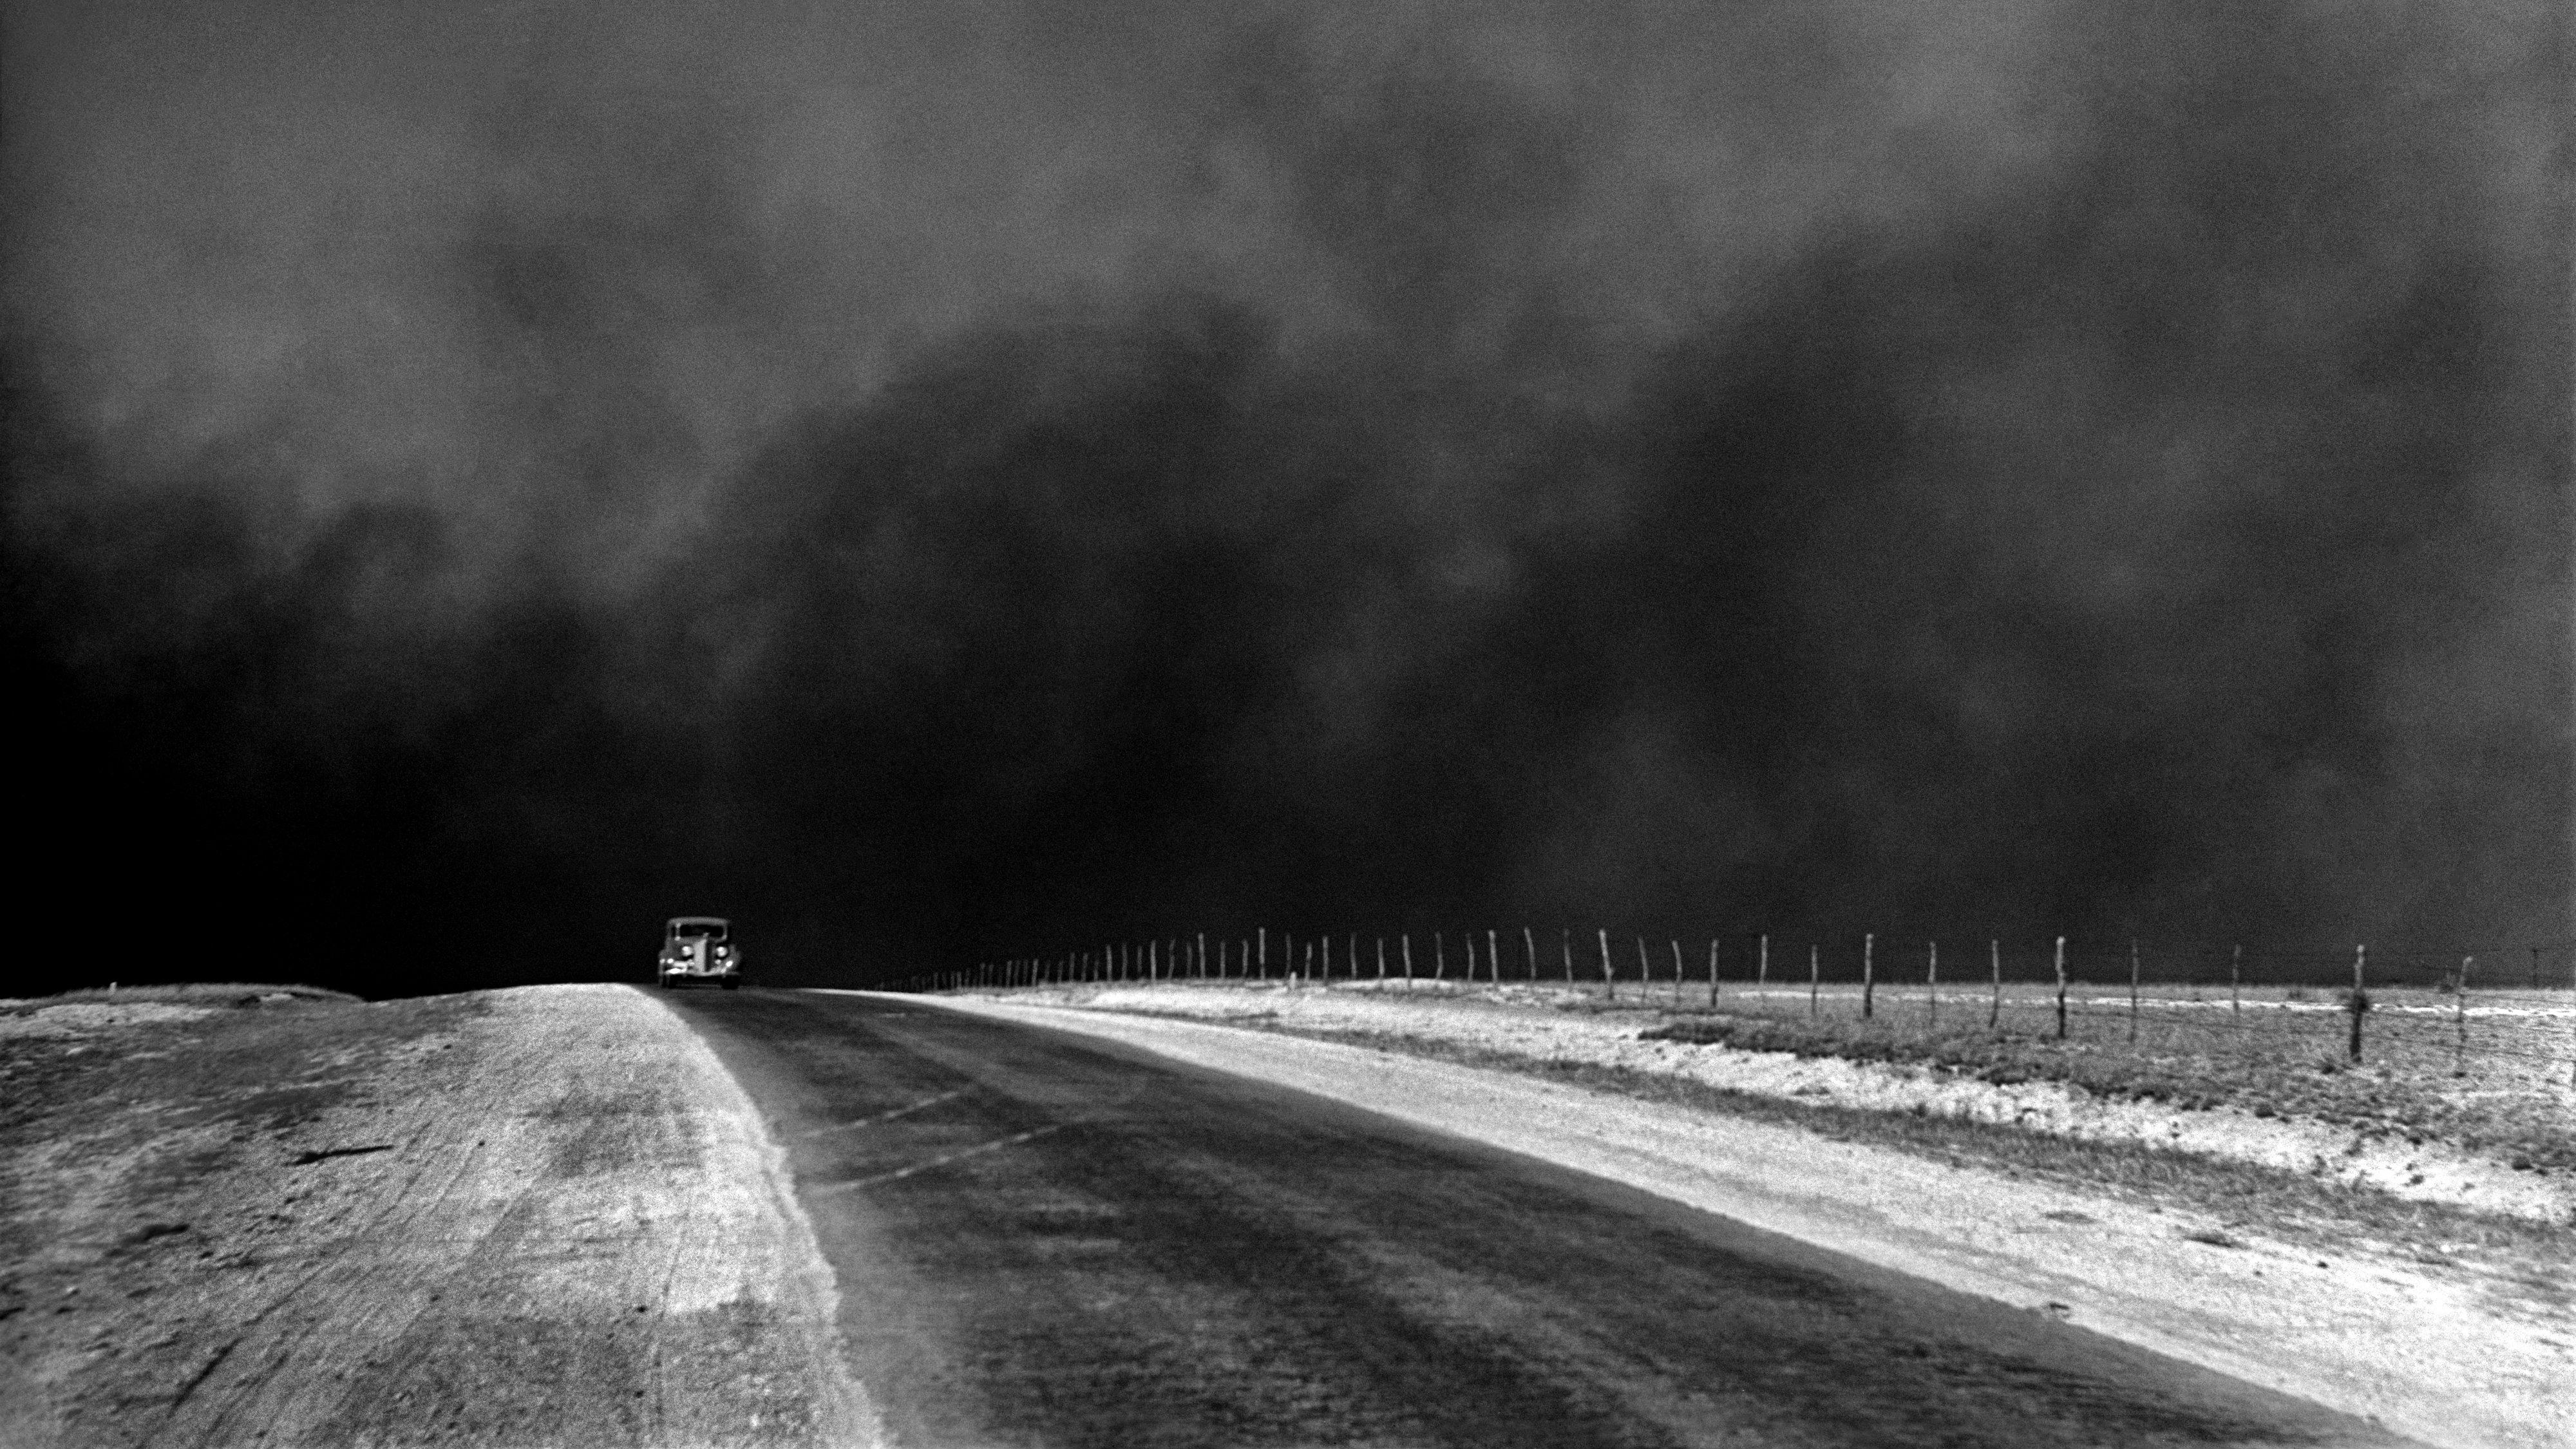 Dust_bowl,_Texas_Panhandle,_TX_fsa